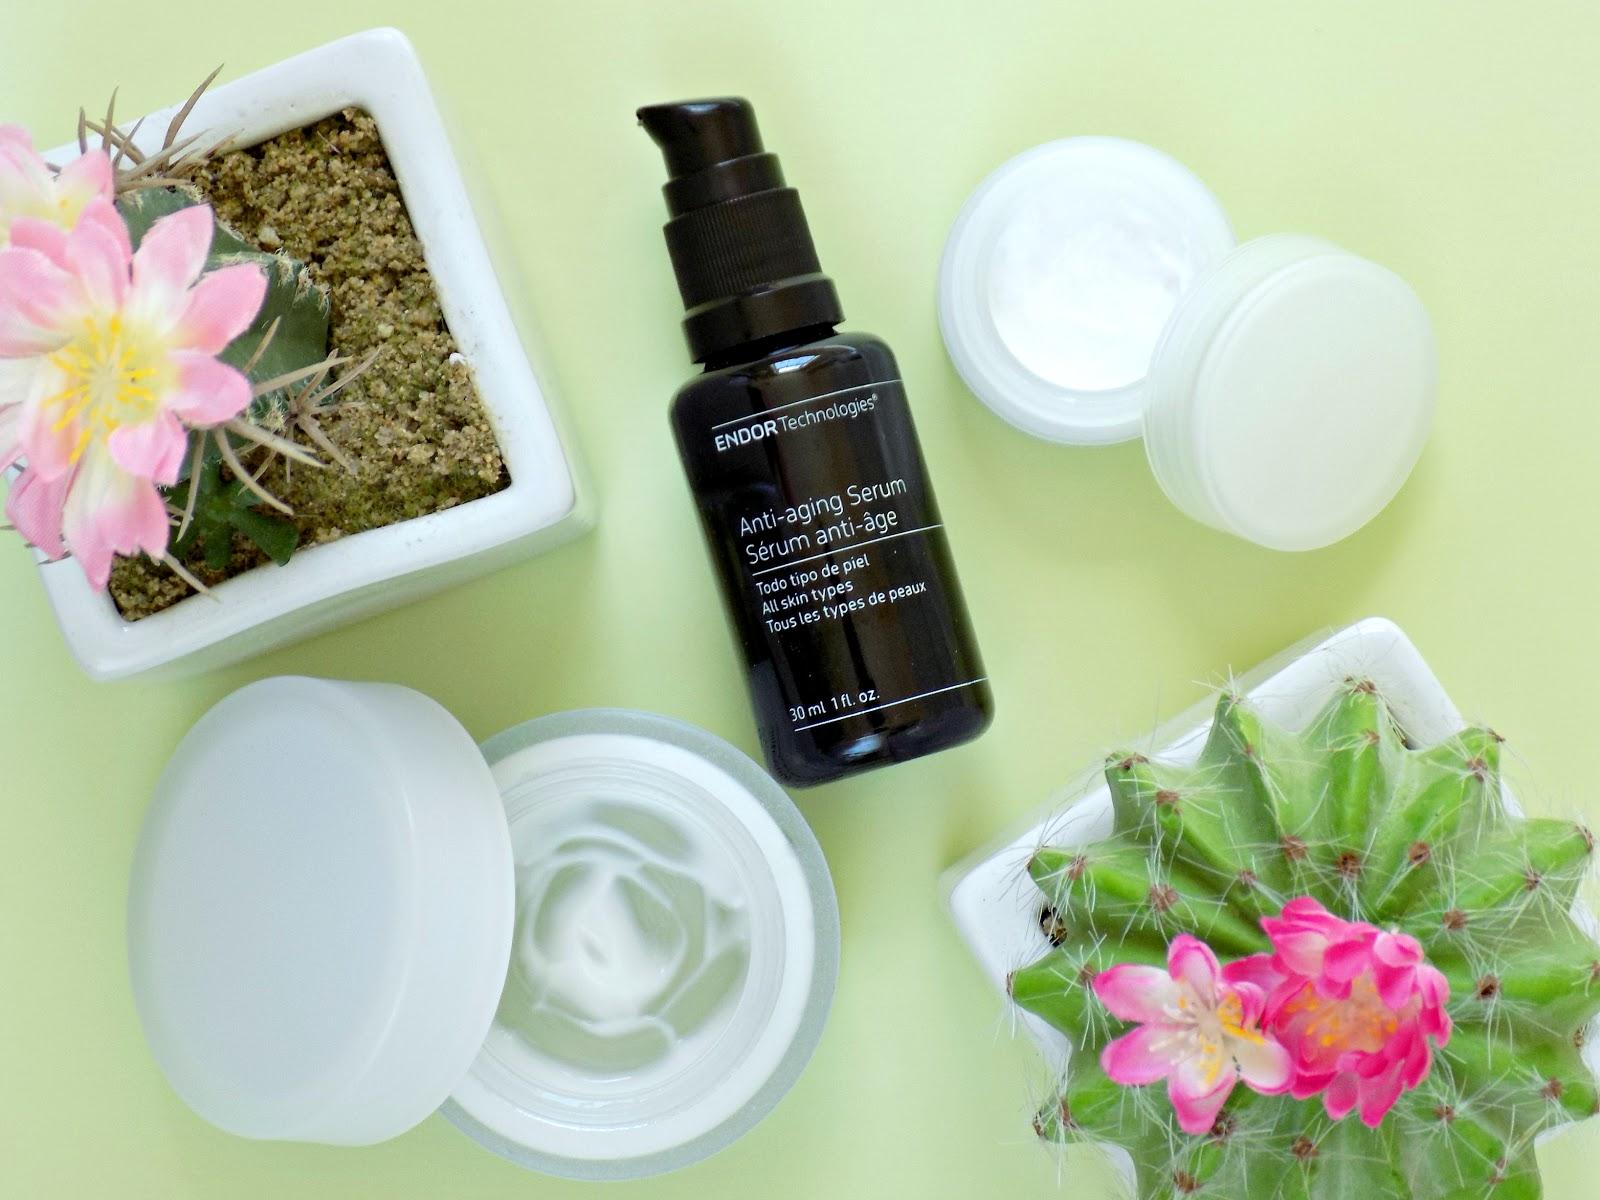 Elénzia skincare by ENDOR Technologies